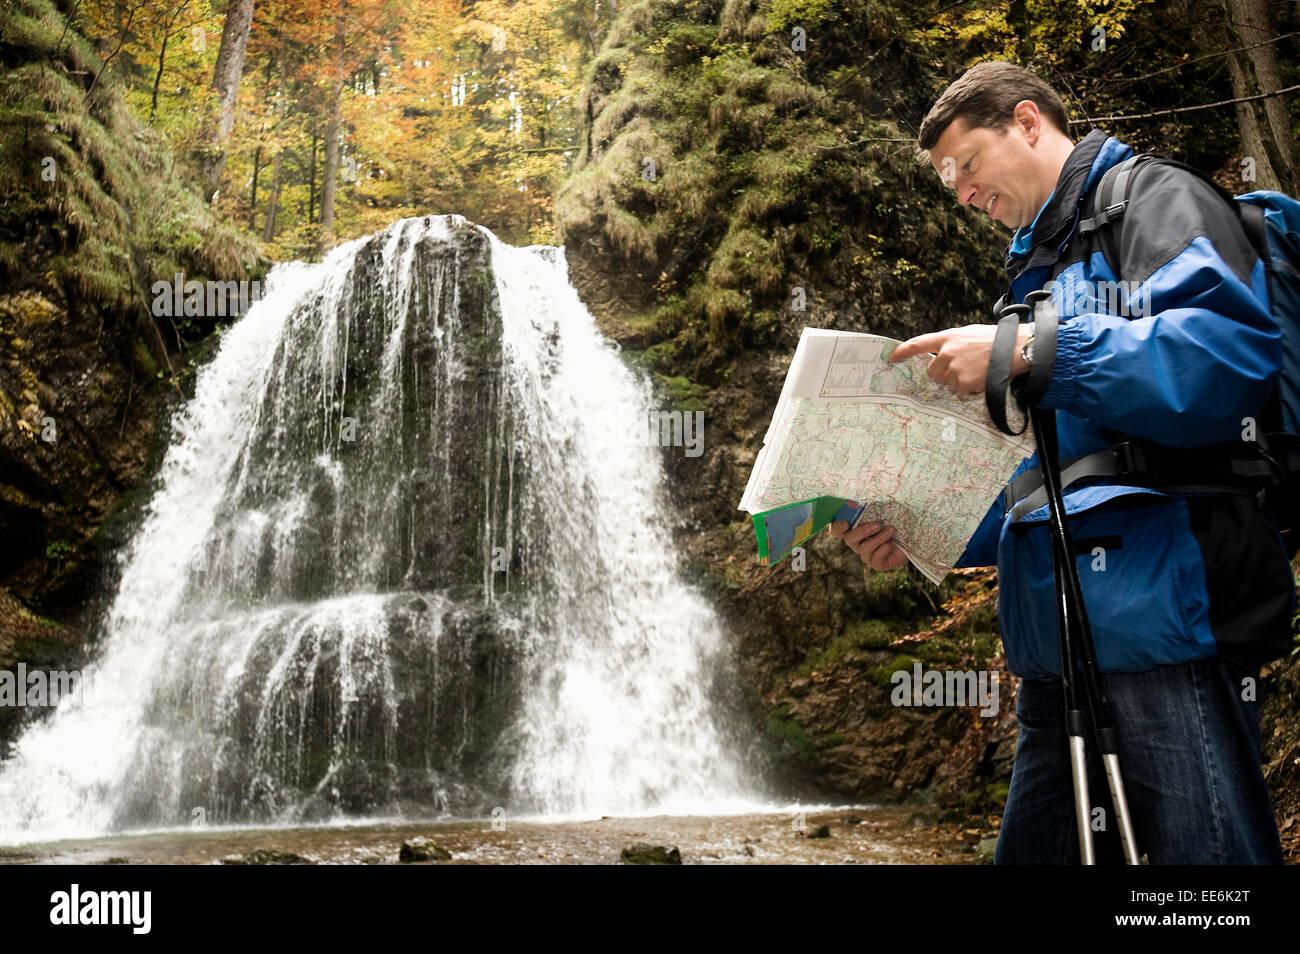 Man Reading Map, Bavaria, Germany, Europe - Stock Image